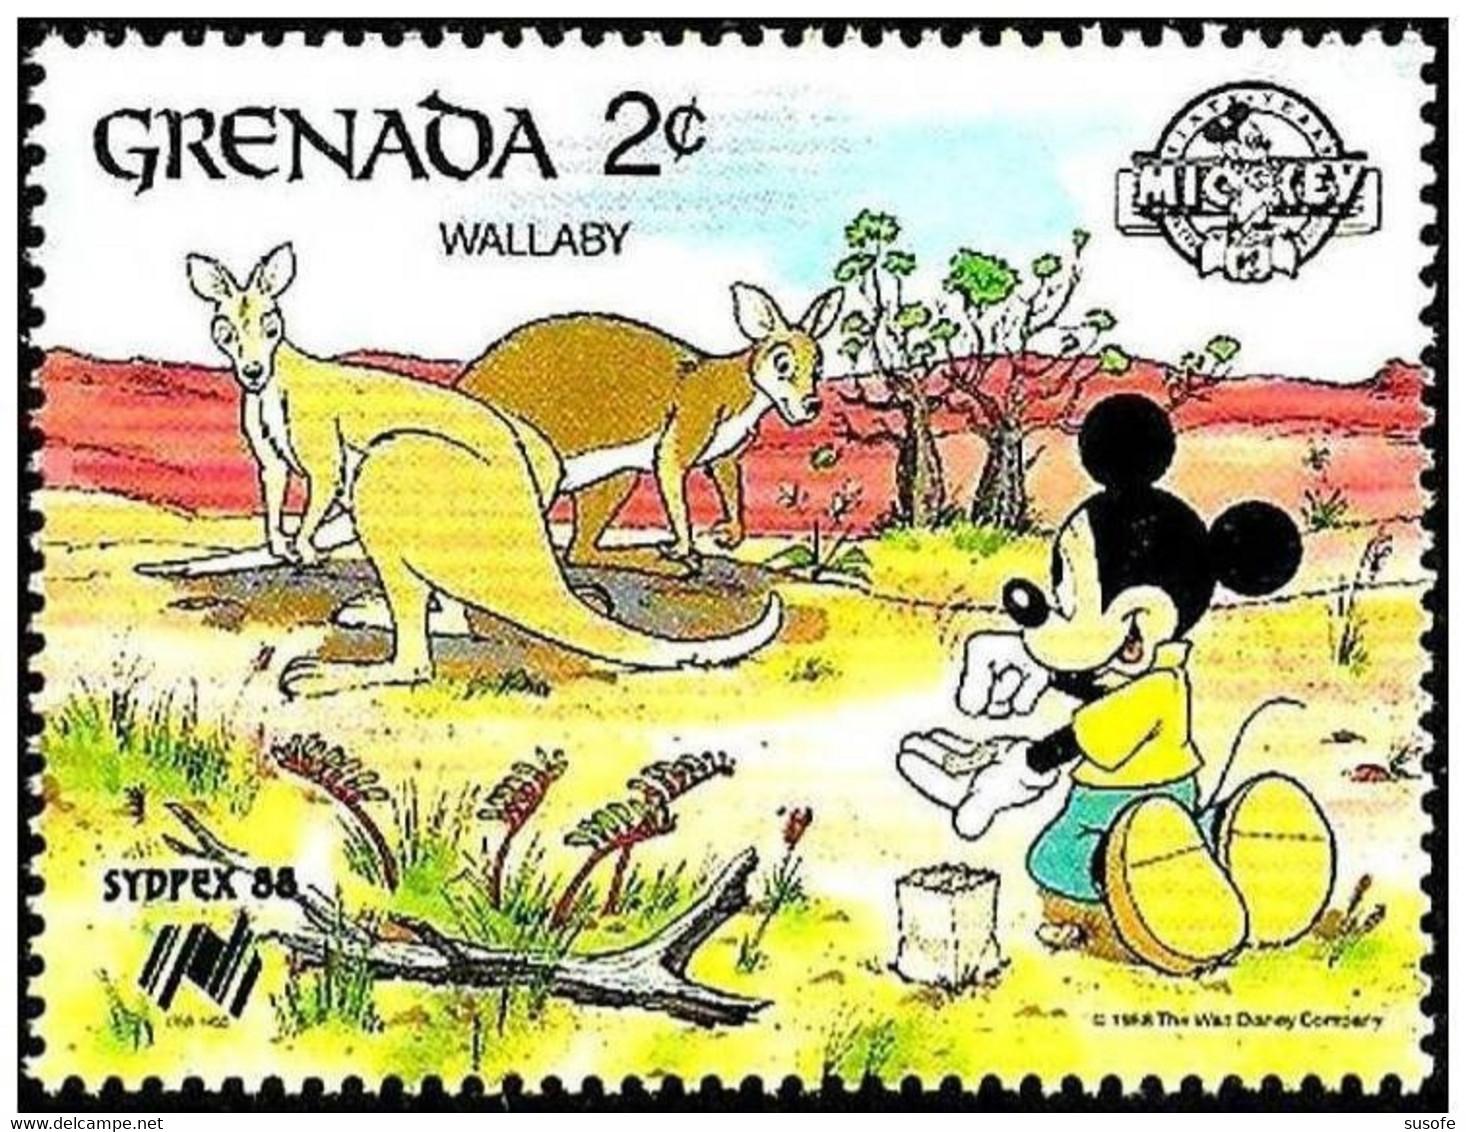 Granada 1988 Scott 1639 Sello ** Walt Disney SYDPEX Australia Mickey Y Canguros 2c Grenada Stamps Timbre Grenade Briefma - Disney